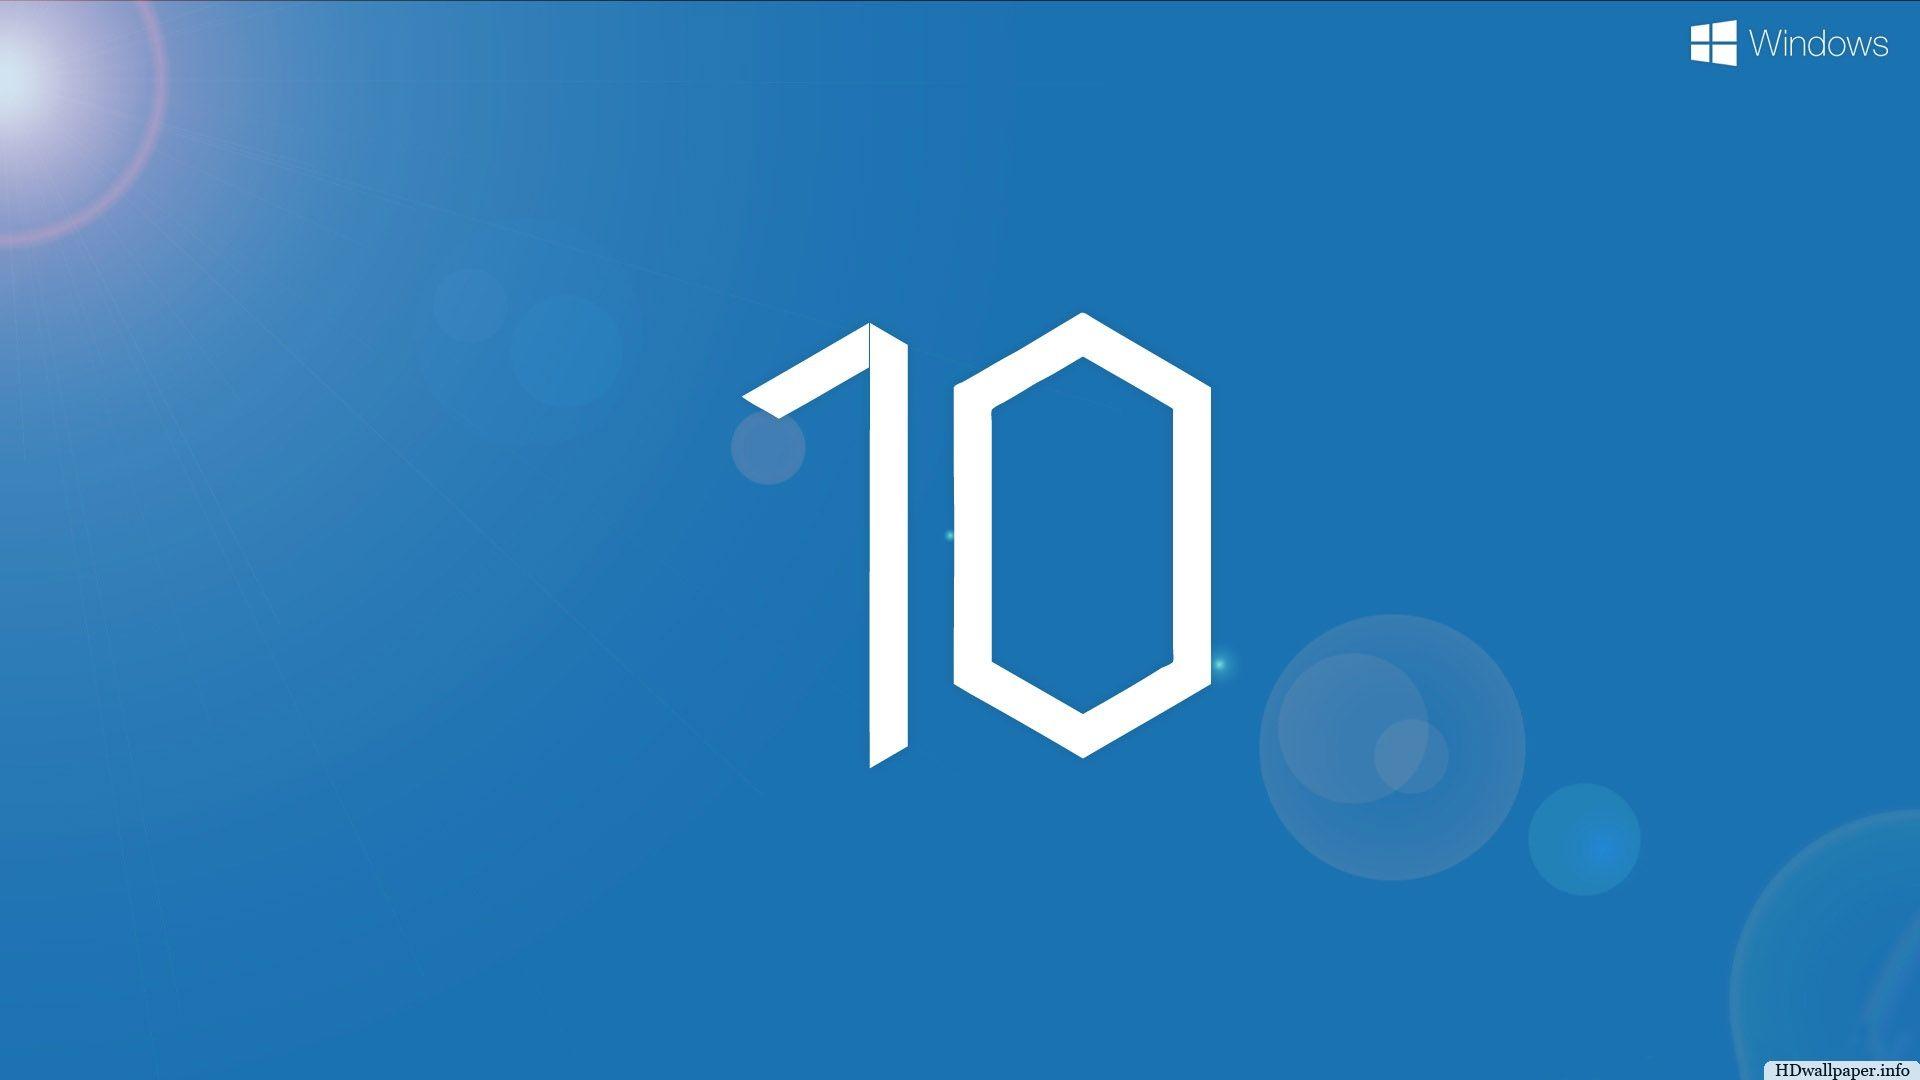 windows 10 wallpaper desktop httphdwallpaper infowindows 10